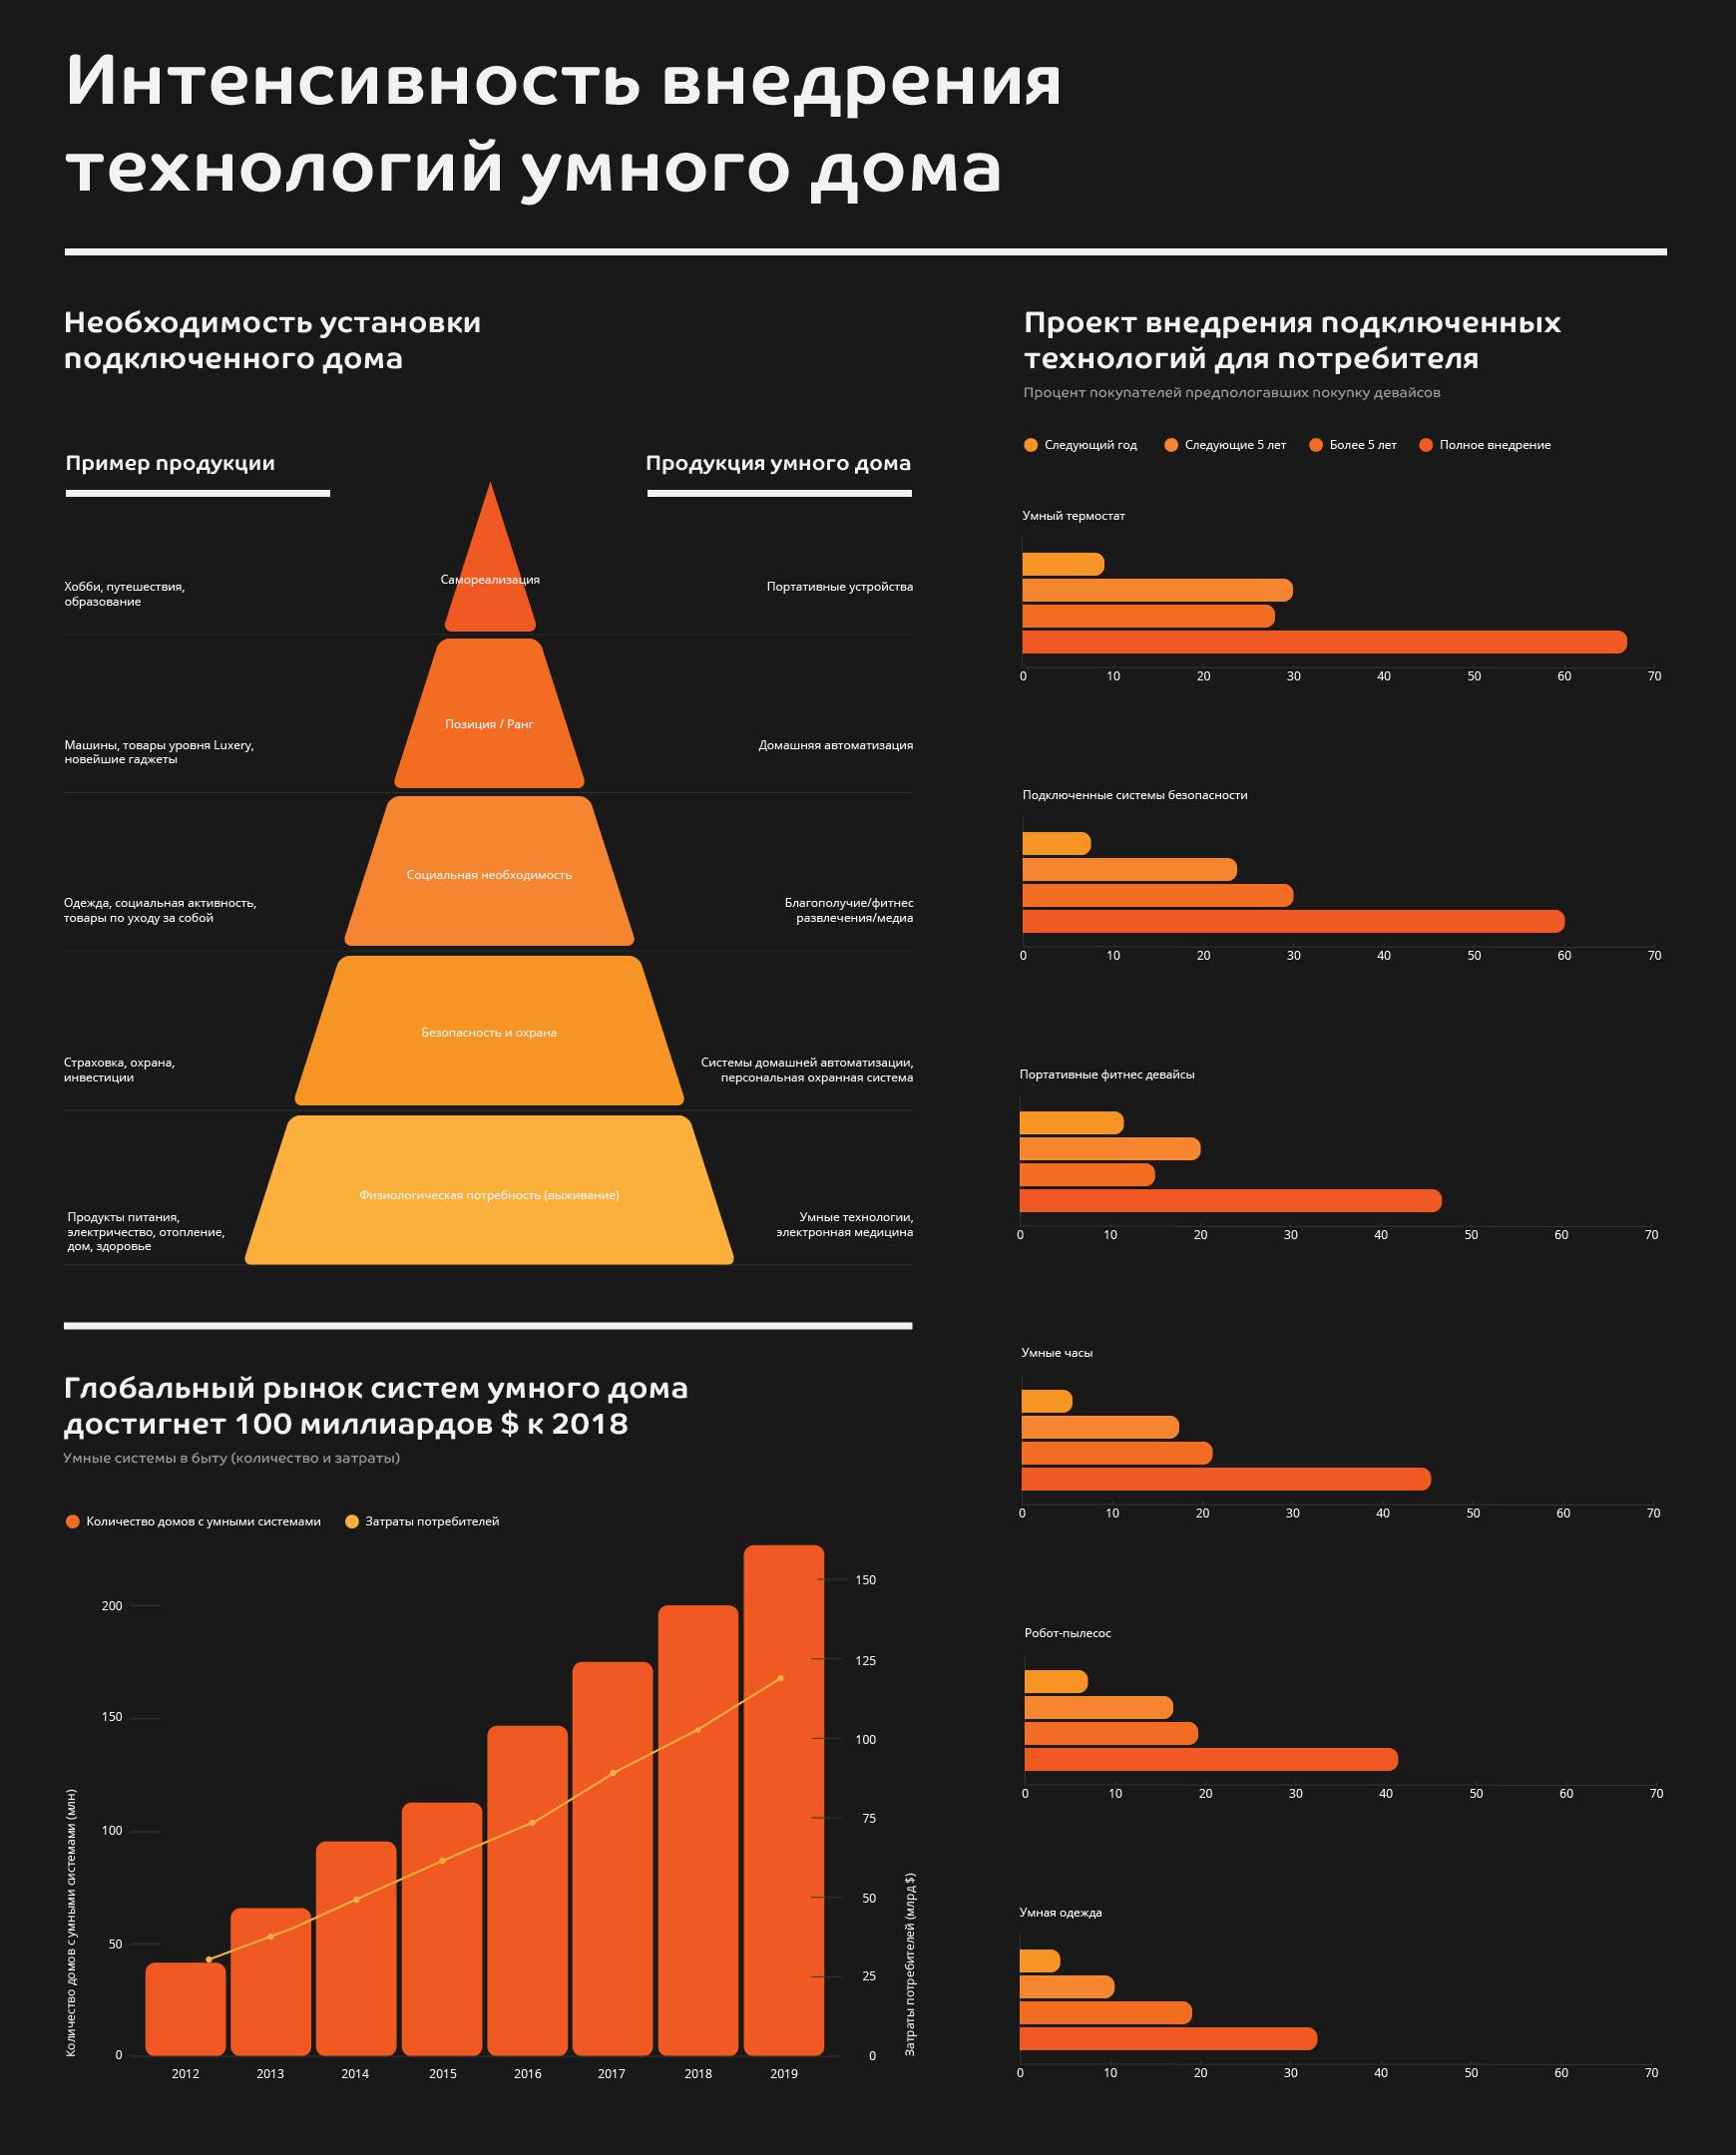 Инфографика Интенсивность внедрения технологий умного дома